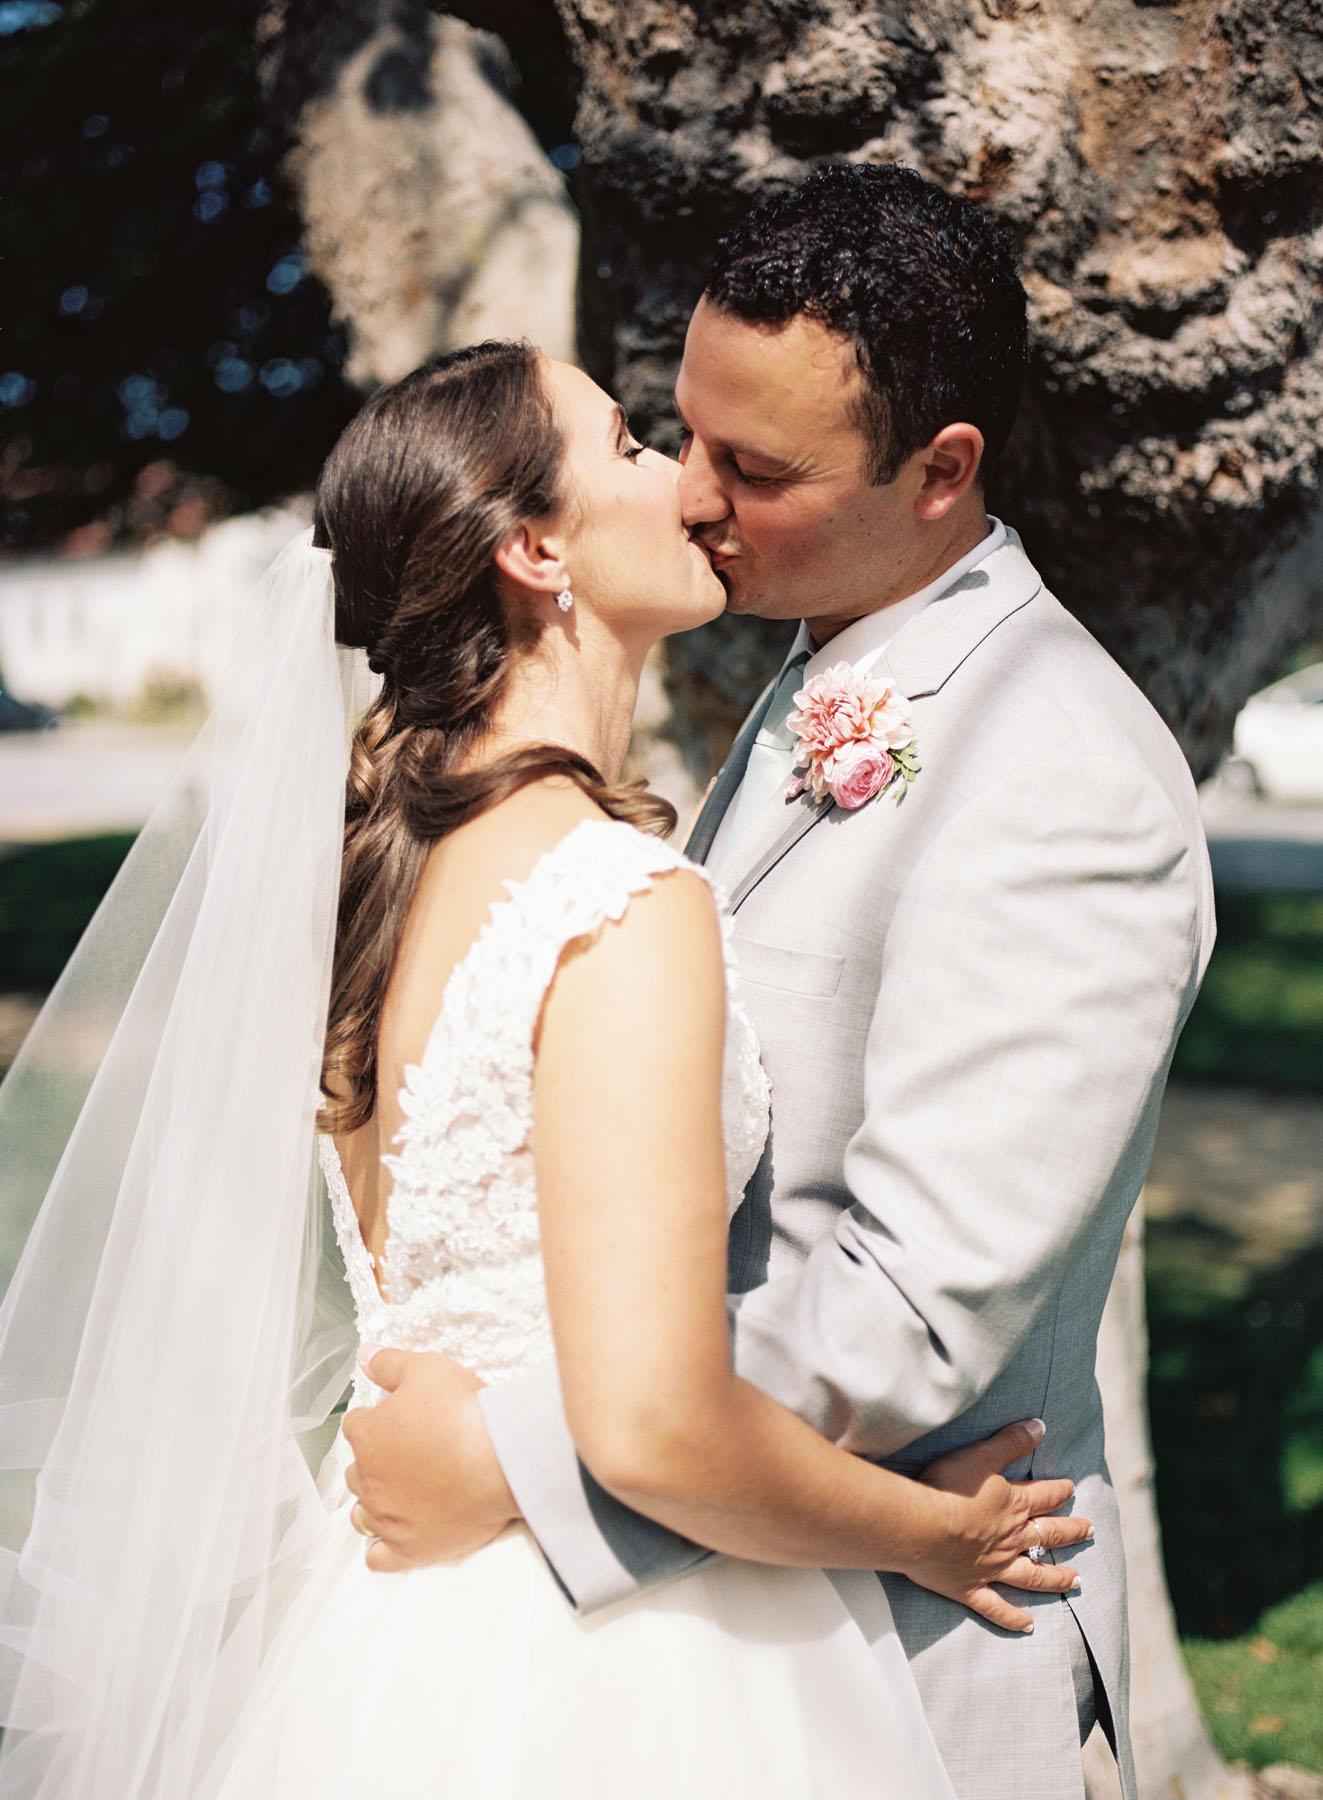 8-11-18 Vanessa and Andrew - 125.jpg